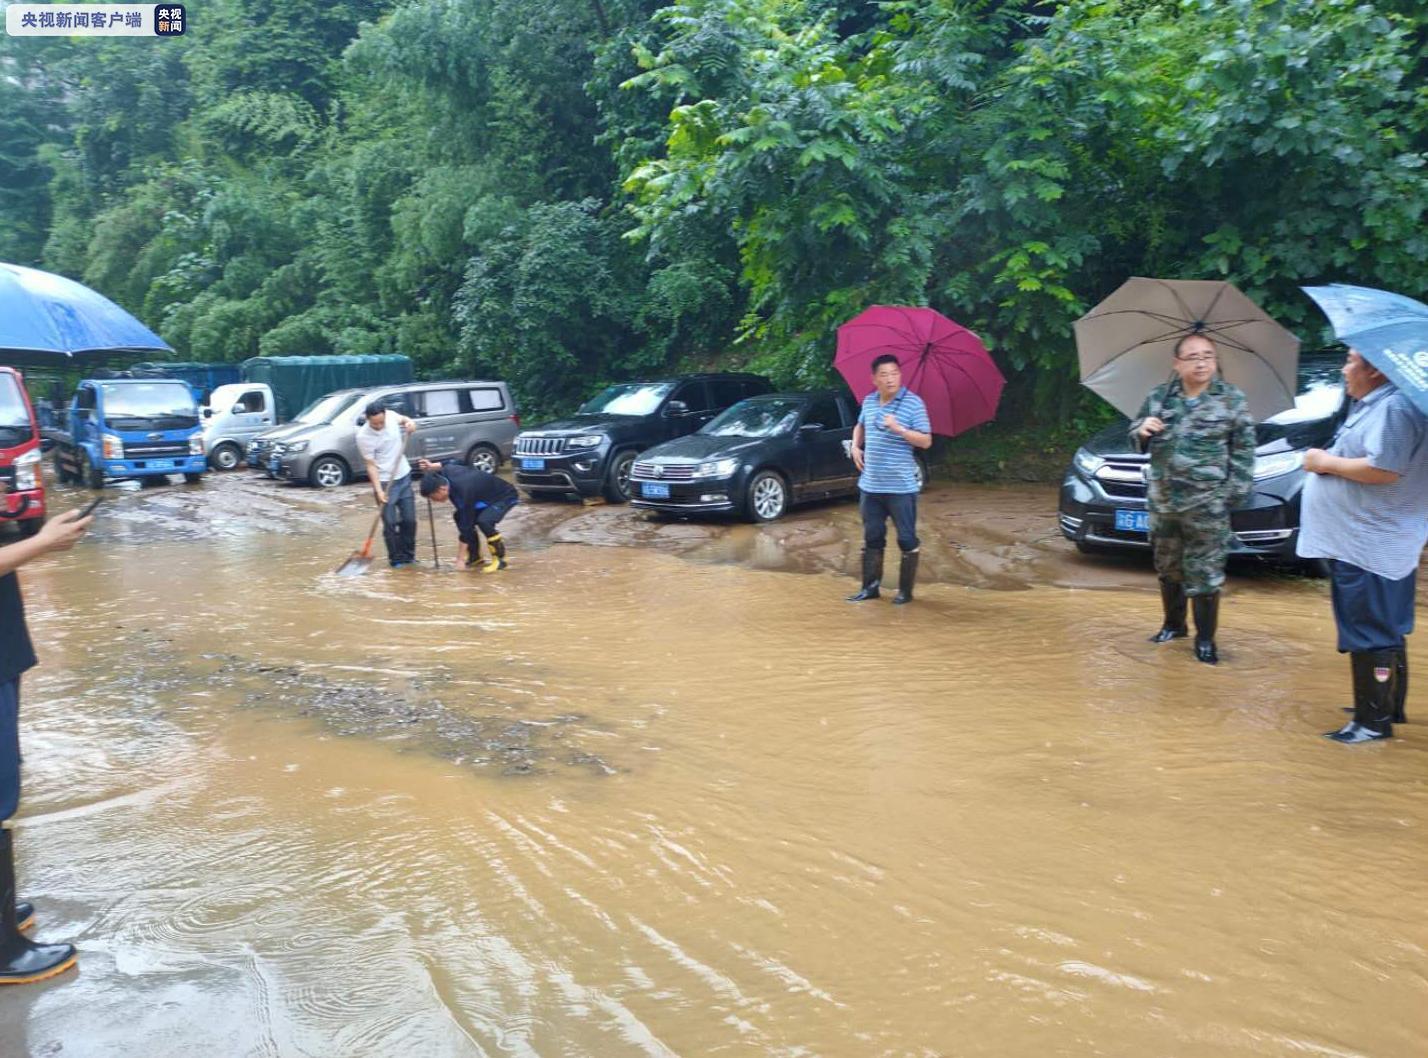 庆武隆遭受大杏悦暴雨袭击部分场镇被淹,杏悦图片